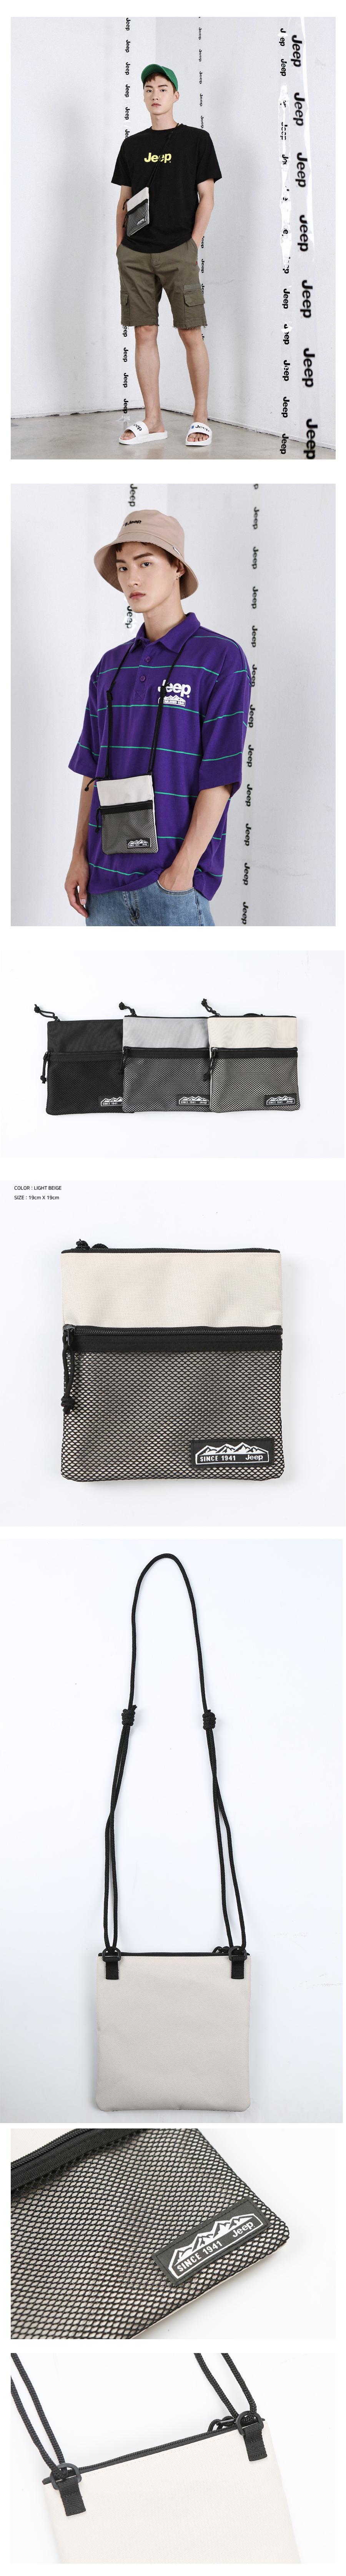 지프(JEEP) Mesh Mini Bag (GK5GAU521LE)